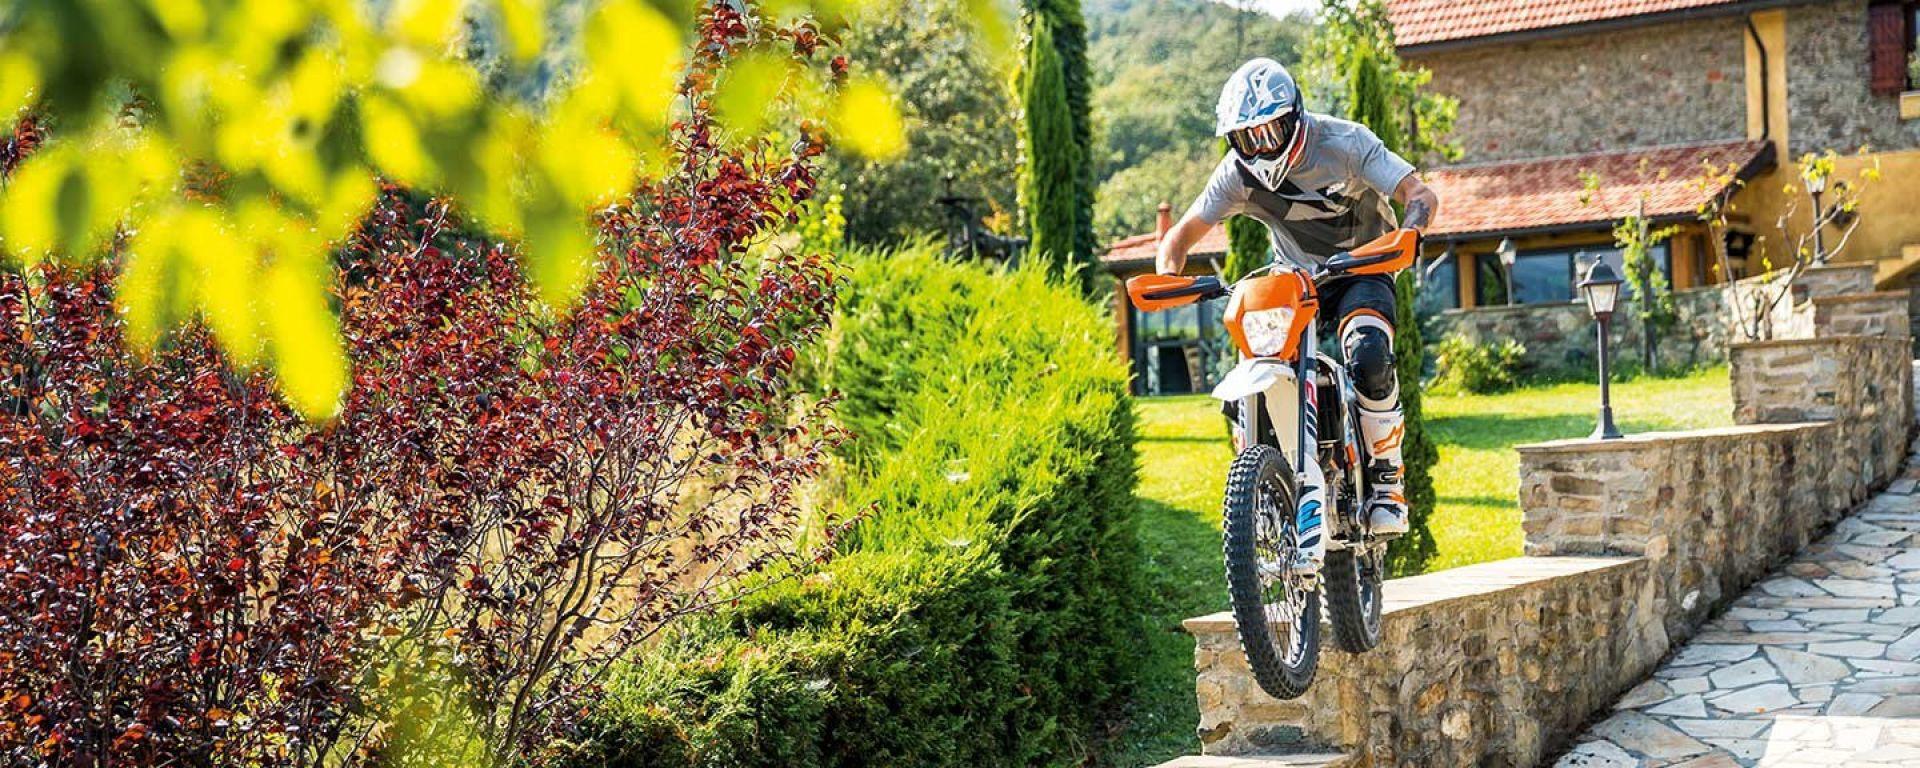 Honda, Piaggio, KTM e Yamaha insieme per le batterie di moto elettriche